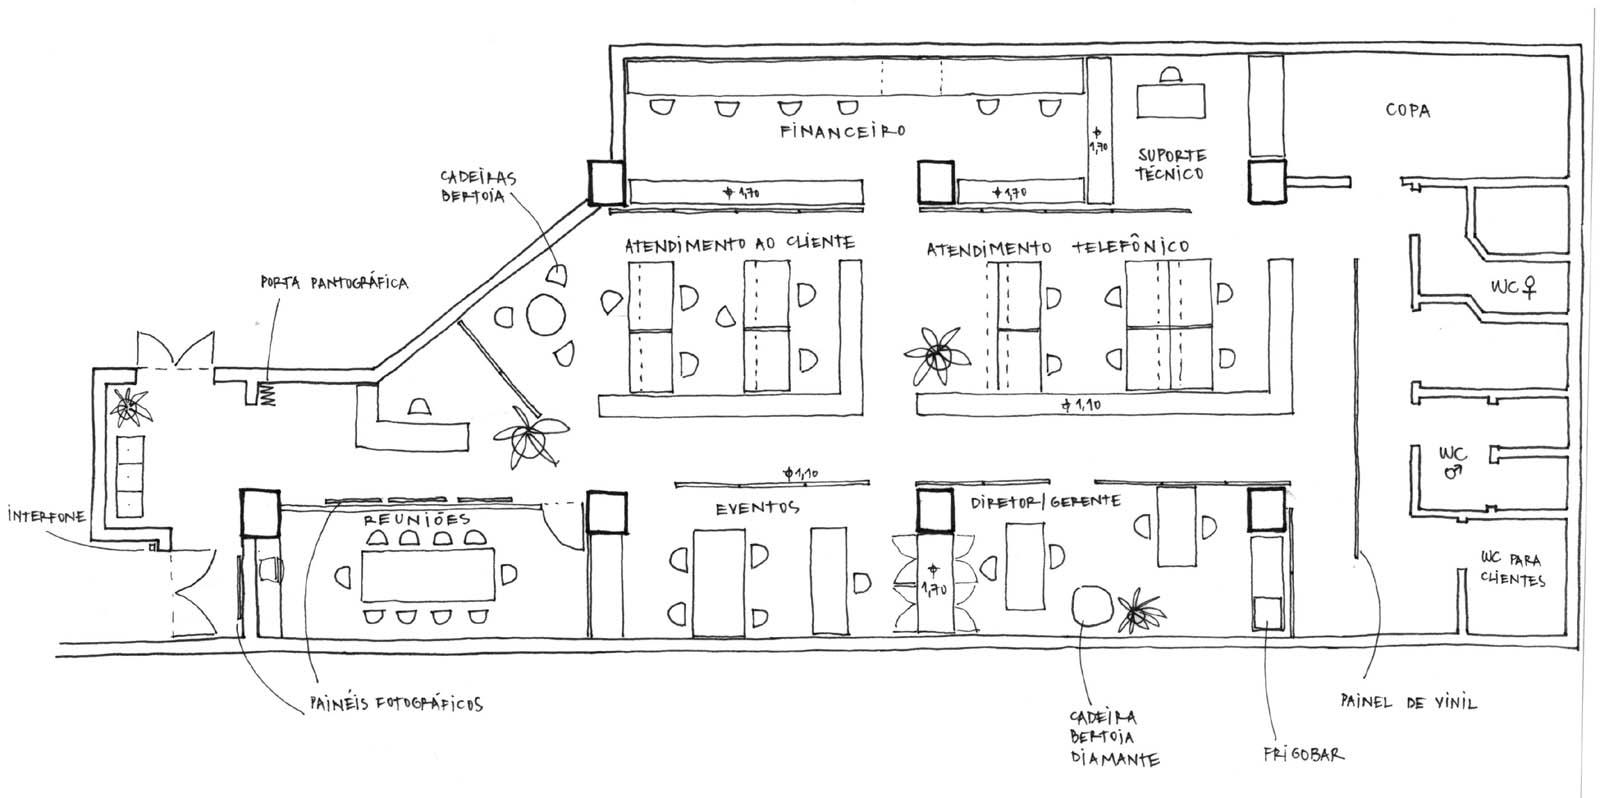 #404040 Projeto Design De Mobiliario E Execucao De Banheiro Parte De Suite De  1600x798 px Projeto Cozinha Confeitaria #2489 imagens